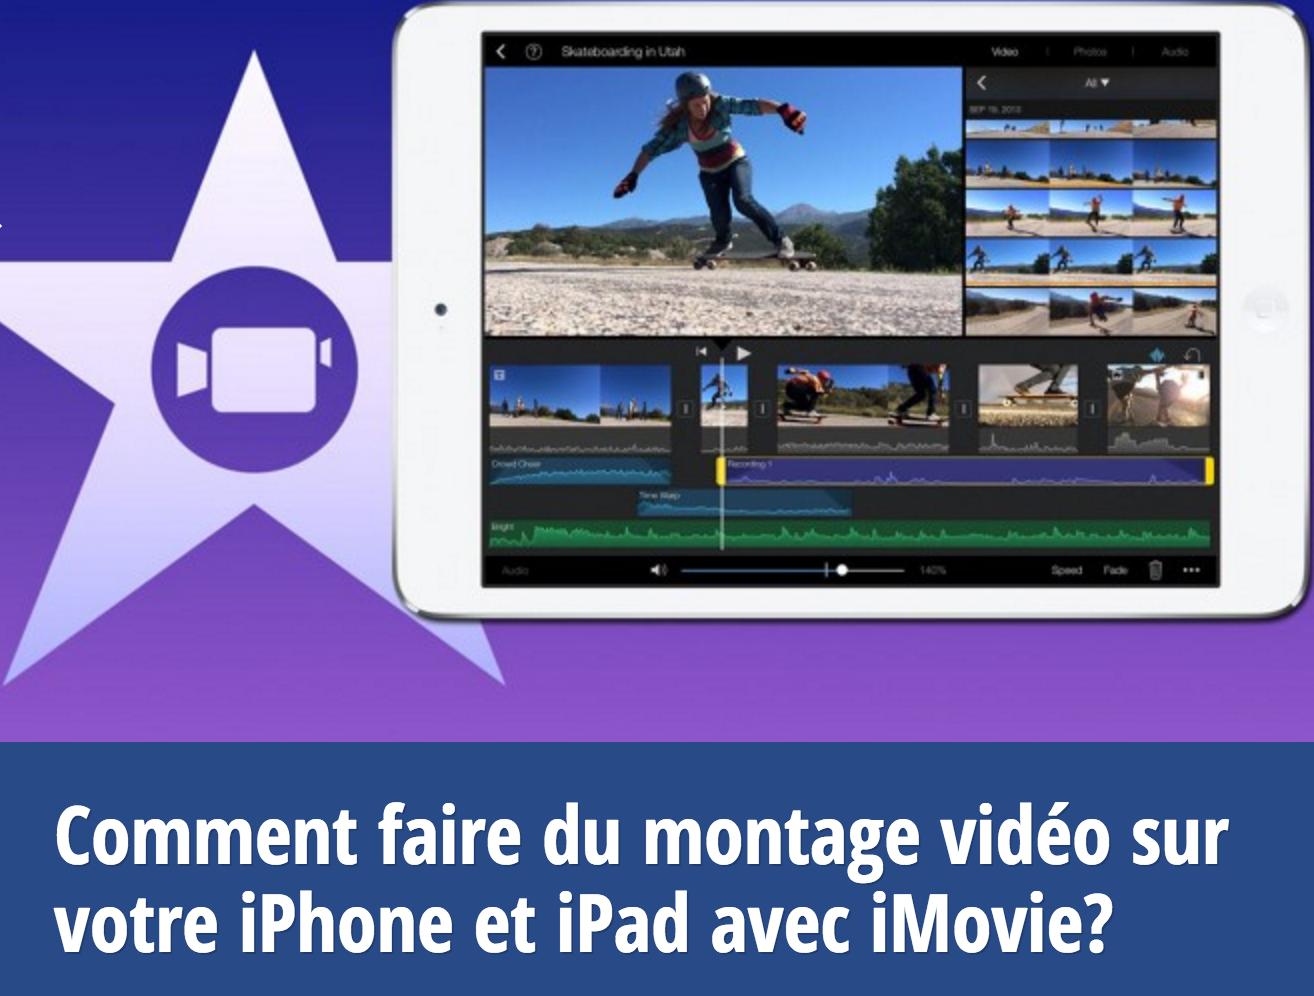 Comment faire du montage vidéo sur votre iPhone ou iPad avec iMovie